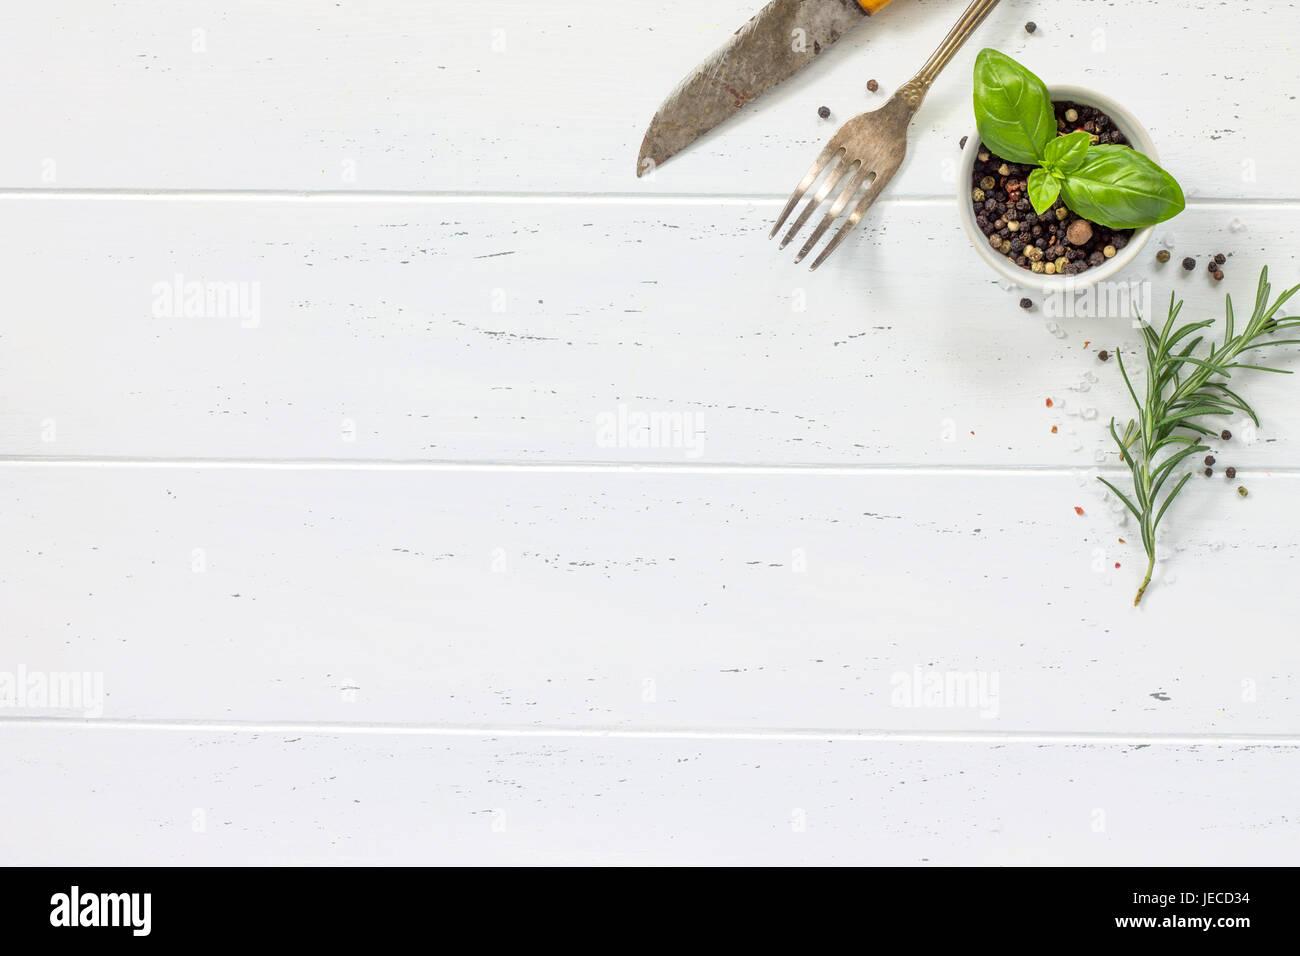 Legno bianco tavolo da cucina. Sullo sfondo la cucina con le erbe aromatiche e le spezie, copia spazio, vista dall'alto. Immagini Stock